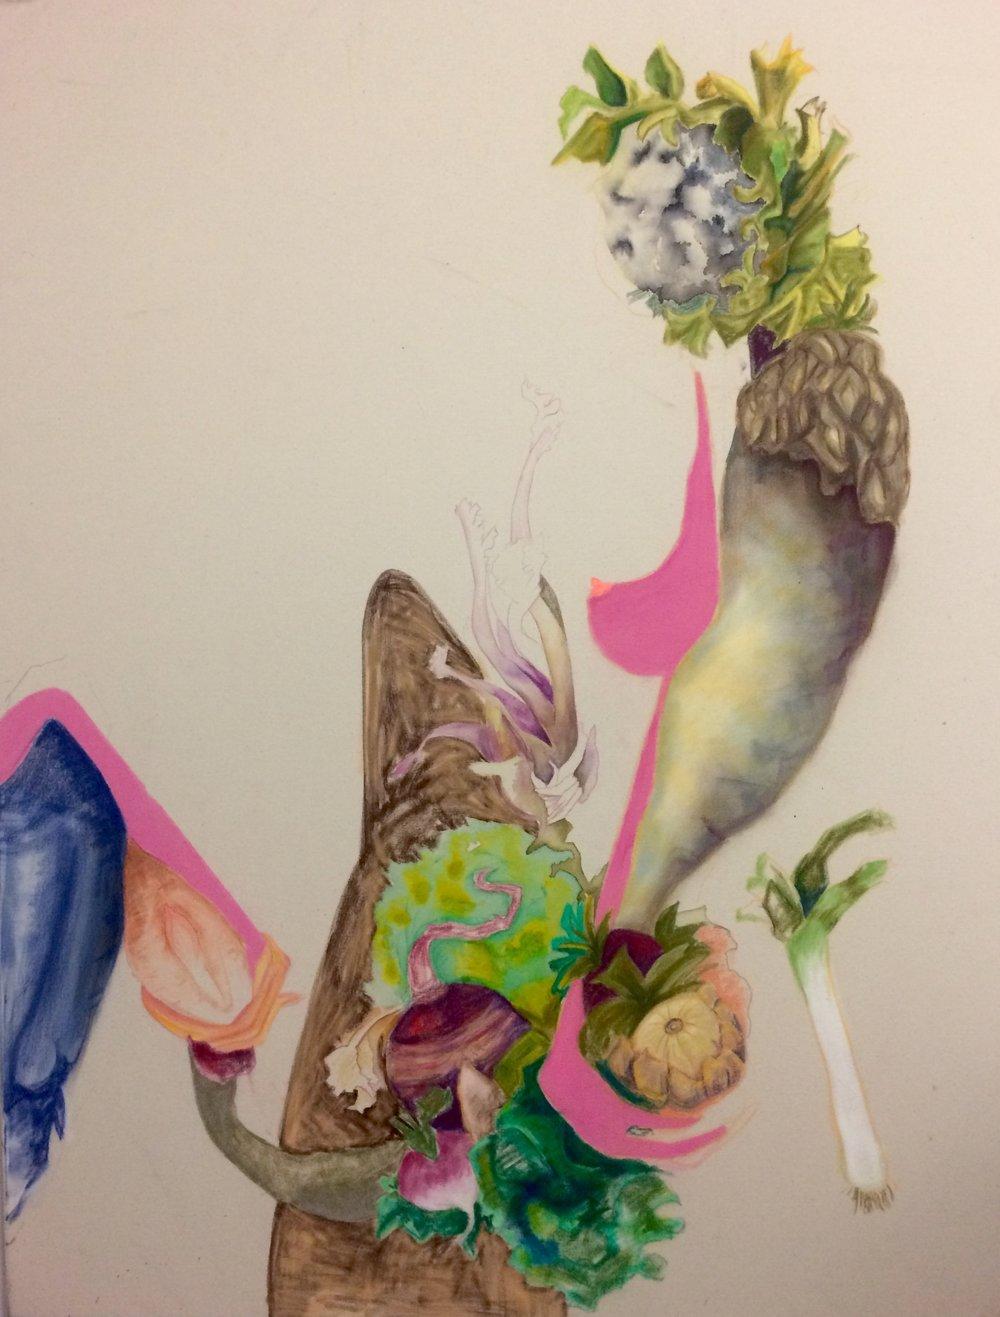 pastel, tinta, lápiz sobre tela  140 x 90 cm